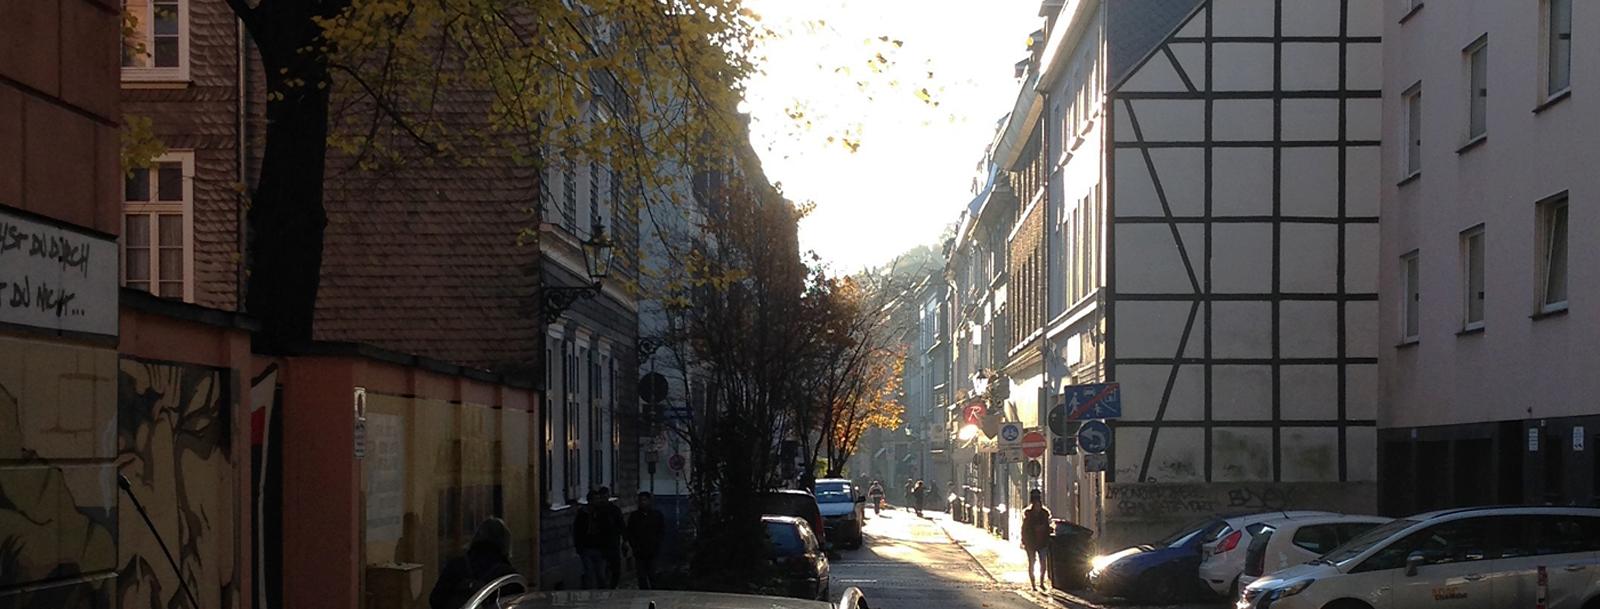 Luisenstraße - Wuppertal Germany